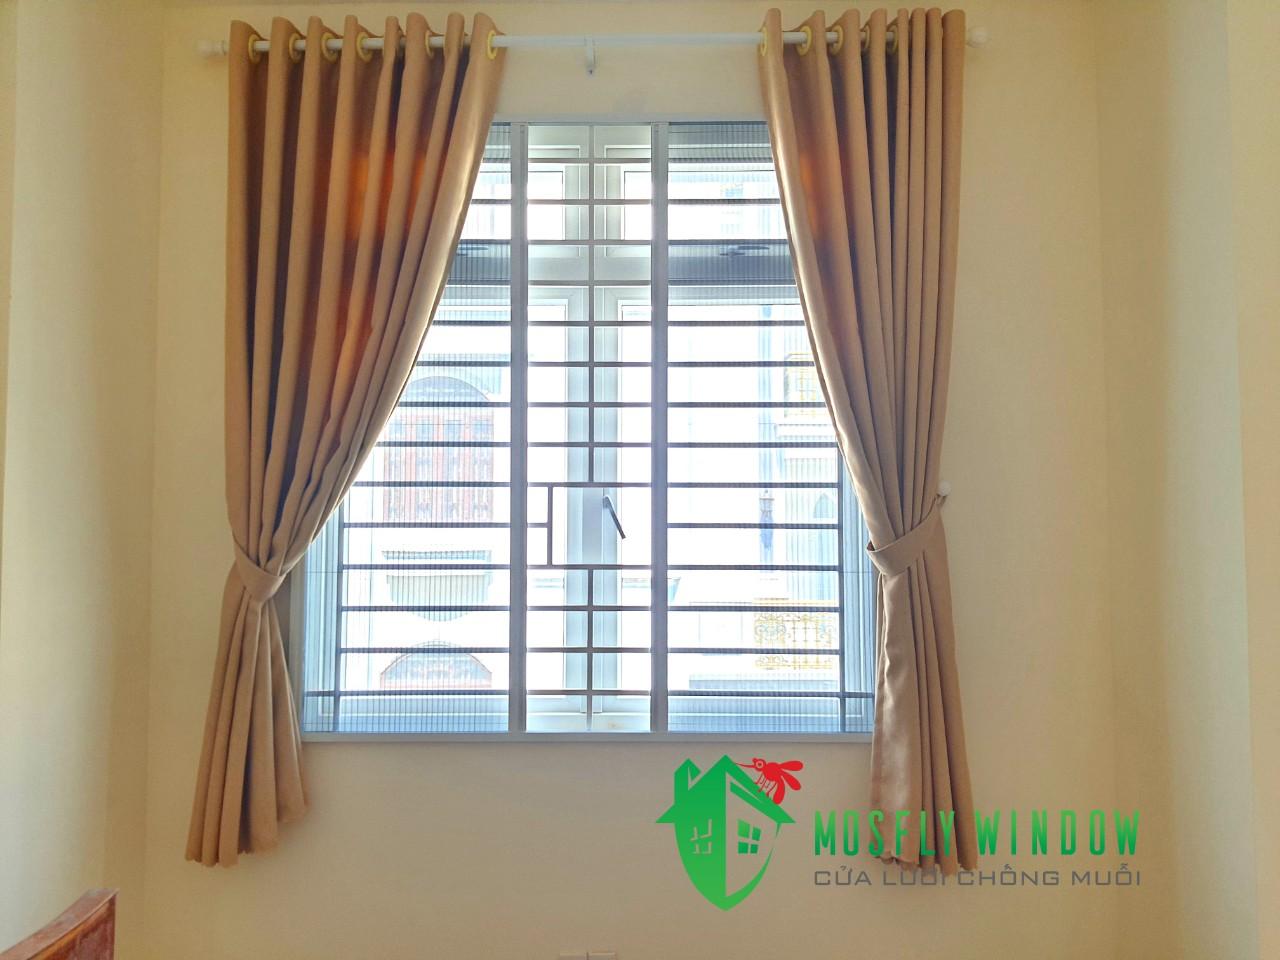 Cửa lưới chống muỗi dàng xếp có ray (4)